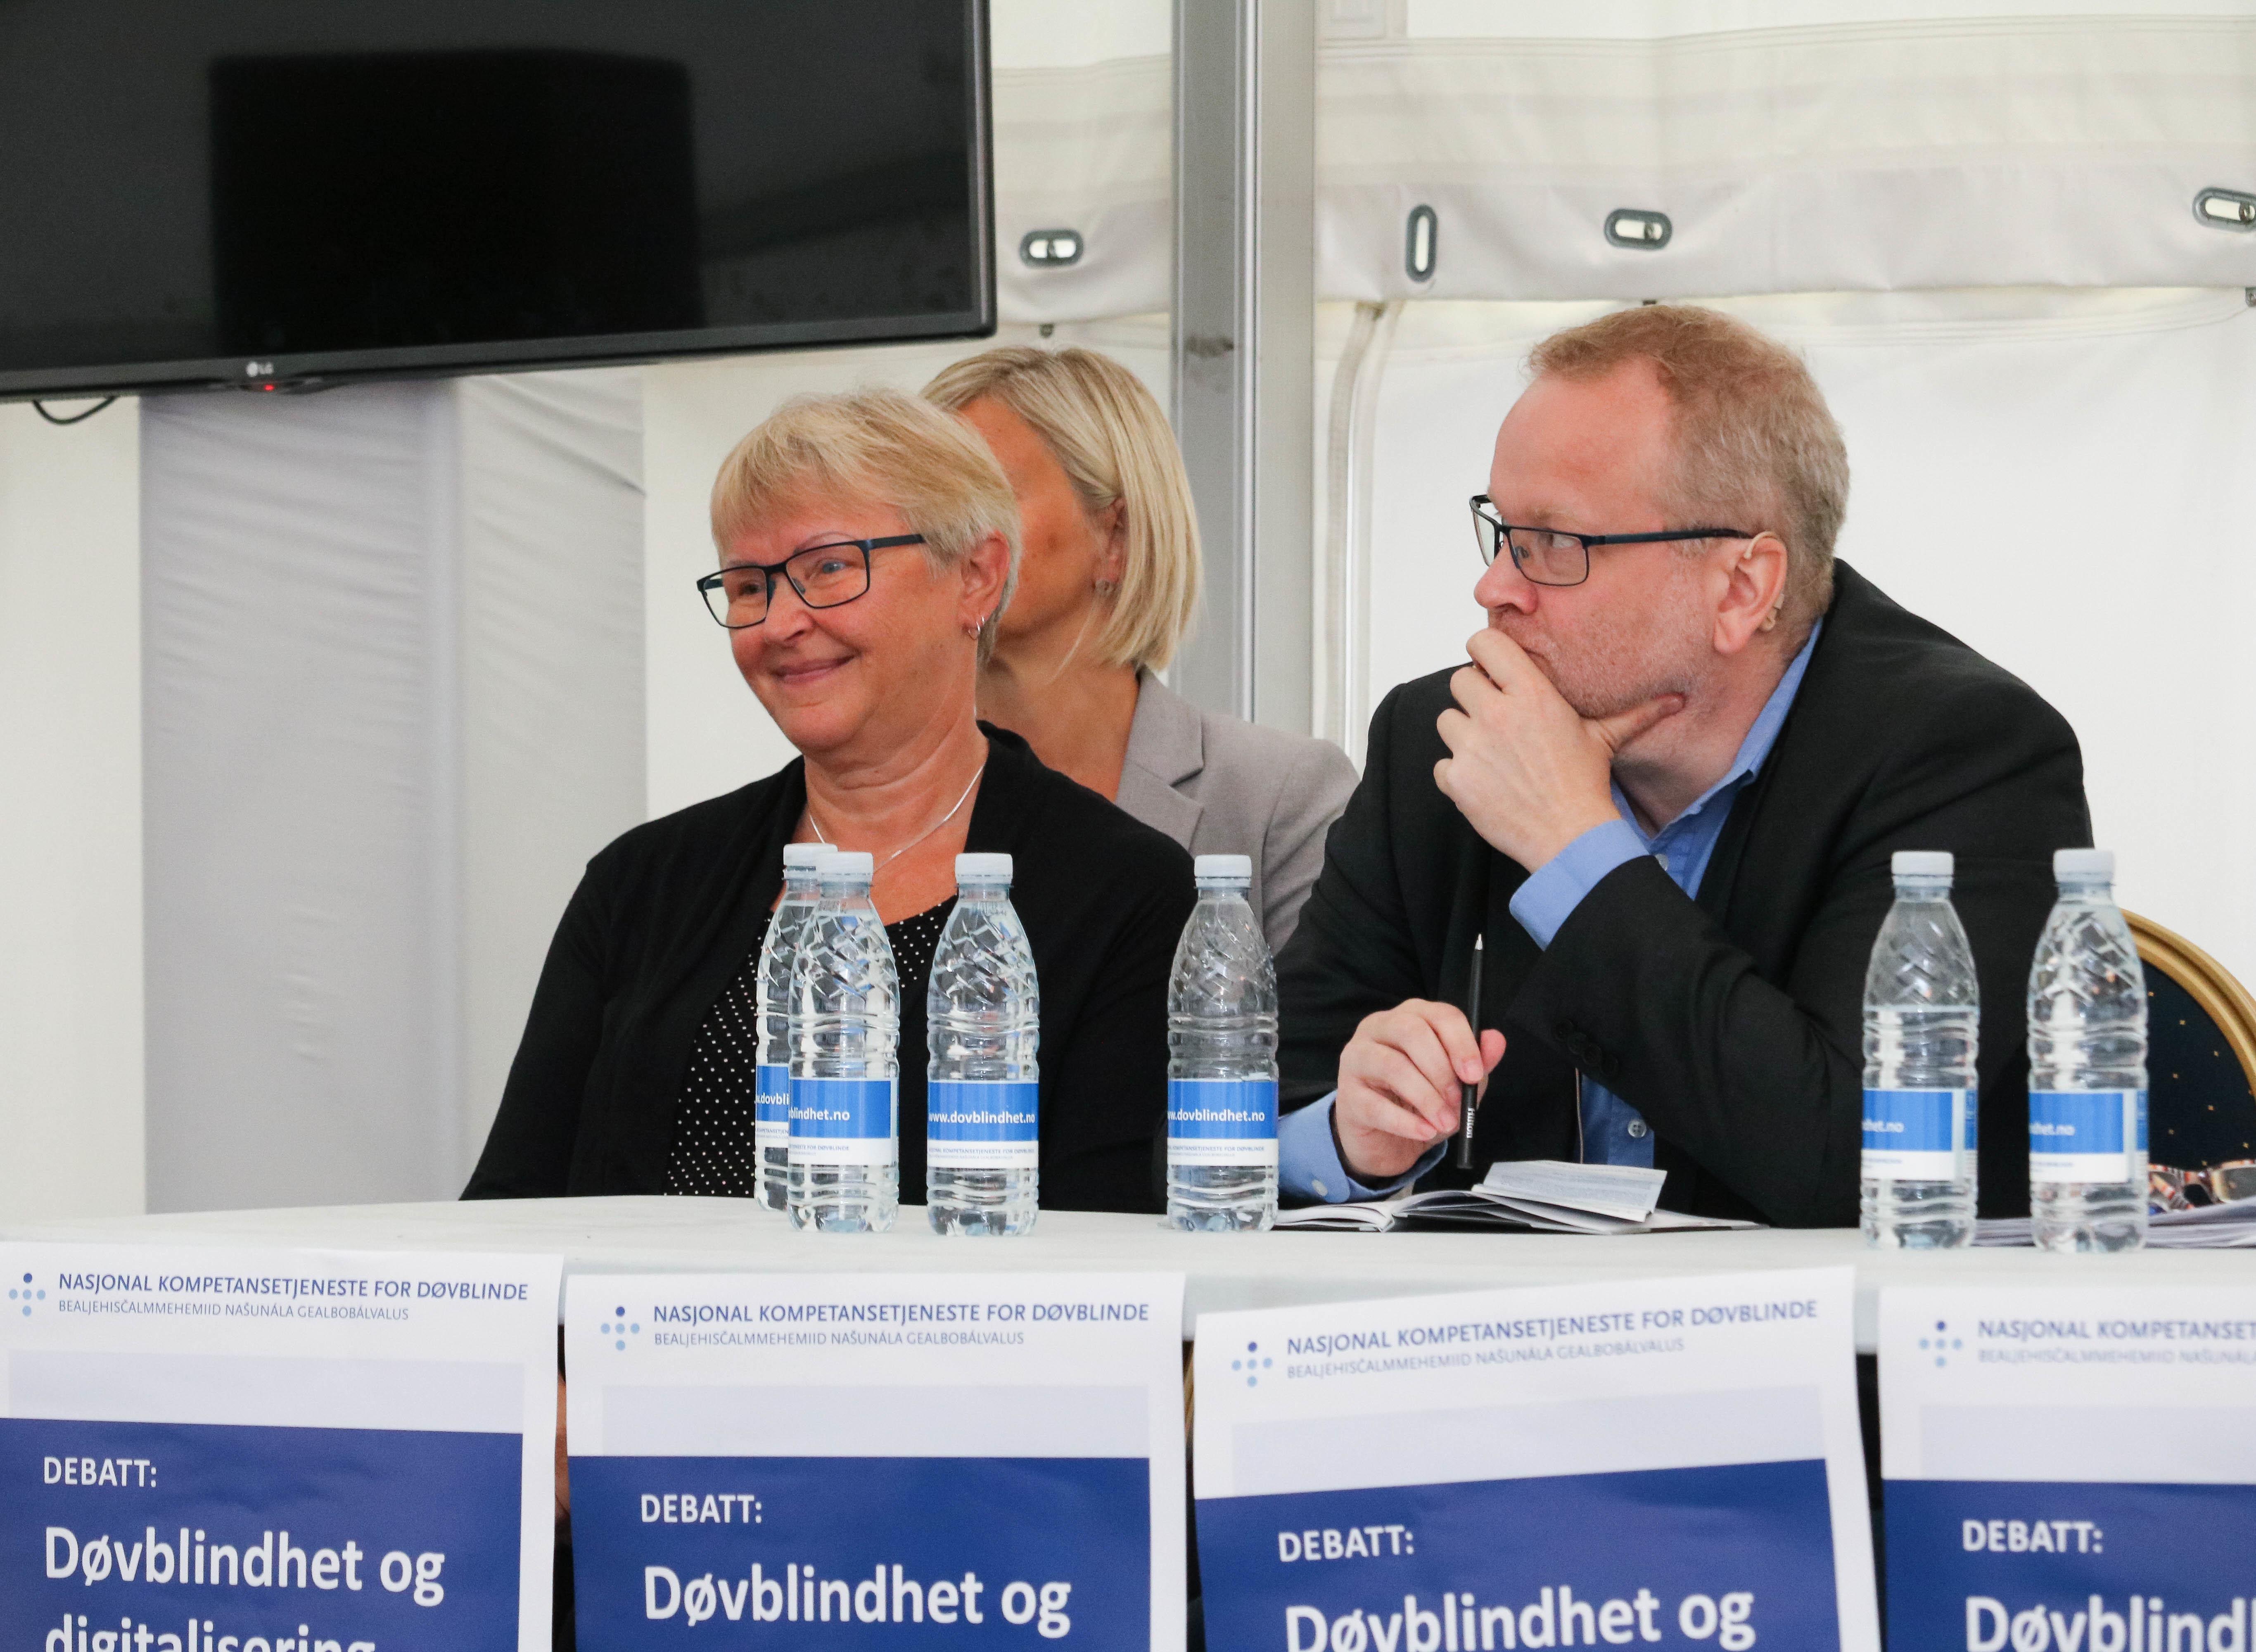 Paneldiskusjon. Tre personer, en kvinne til venstre med en tolk bak seg. Mann til høyre.